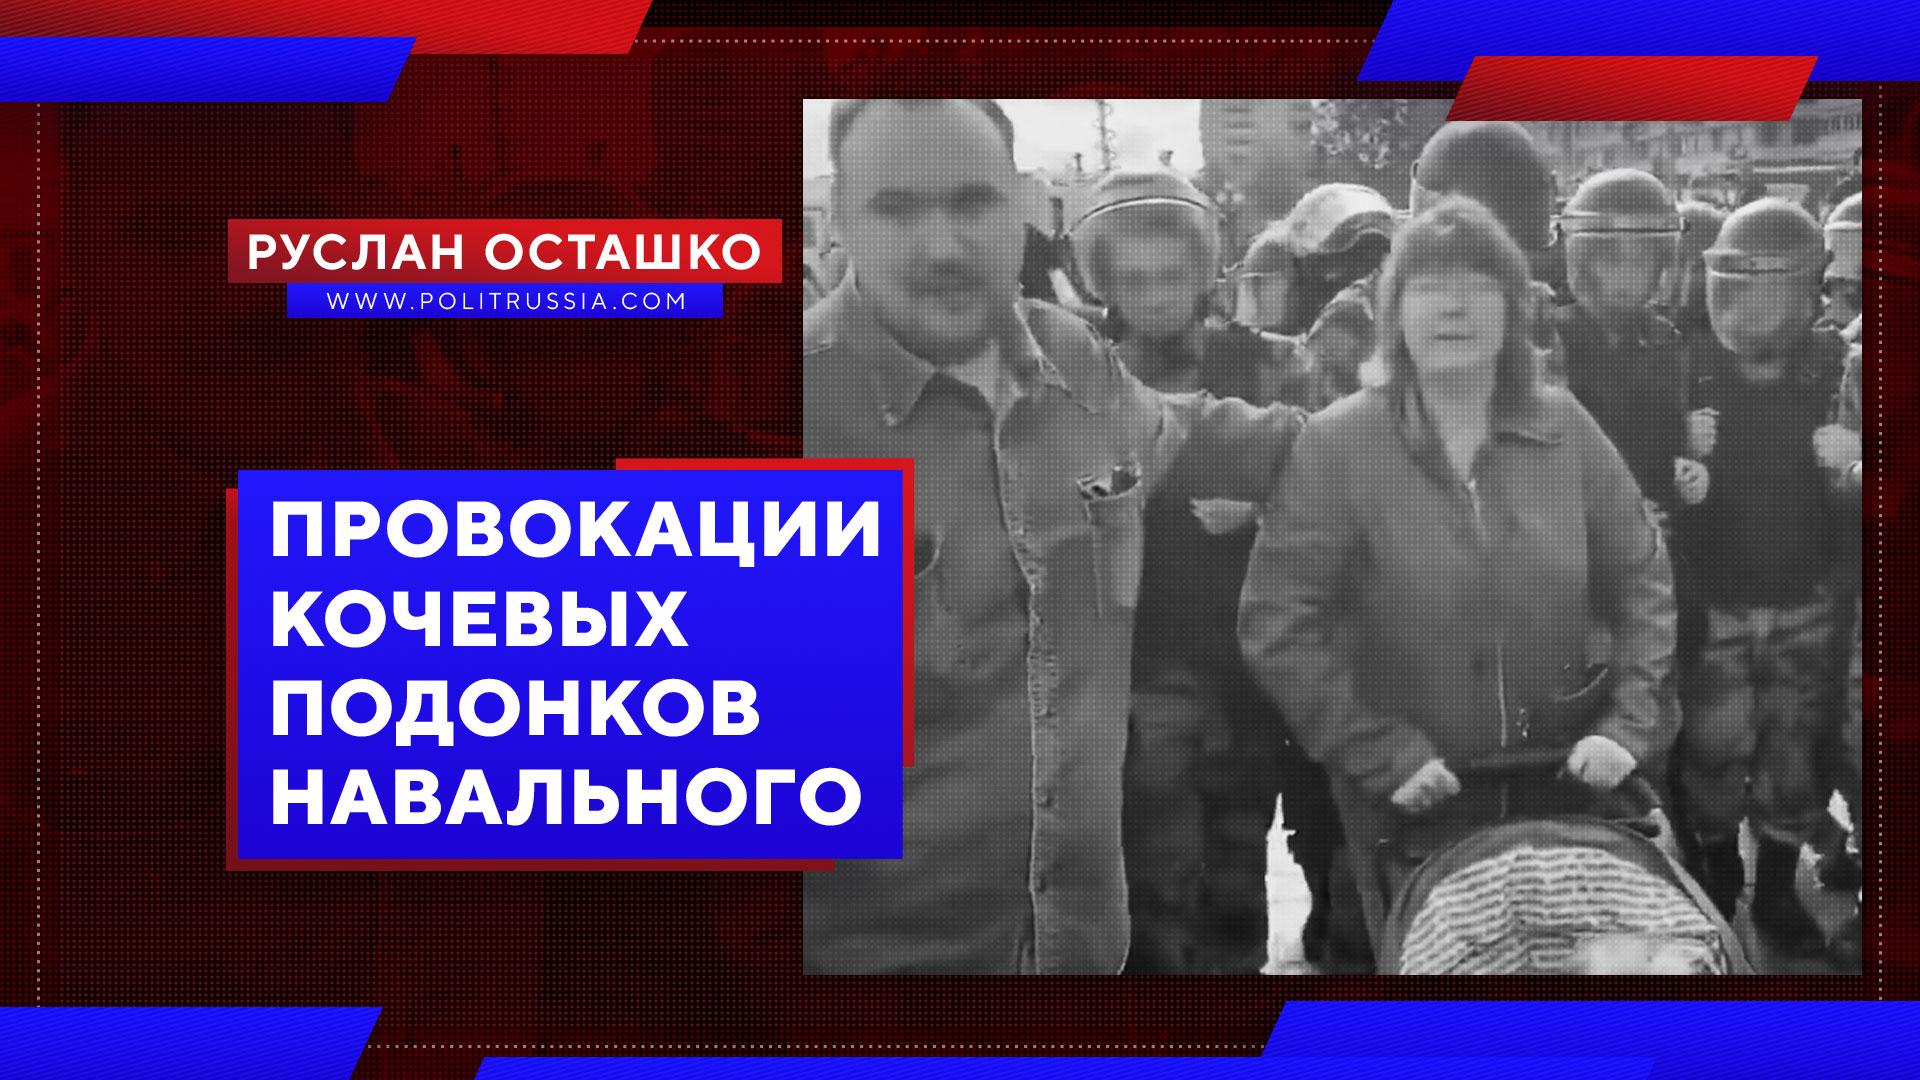 Провокации кочевых подонков Навального